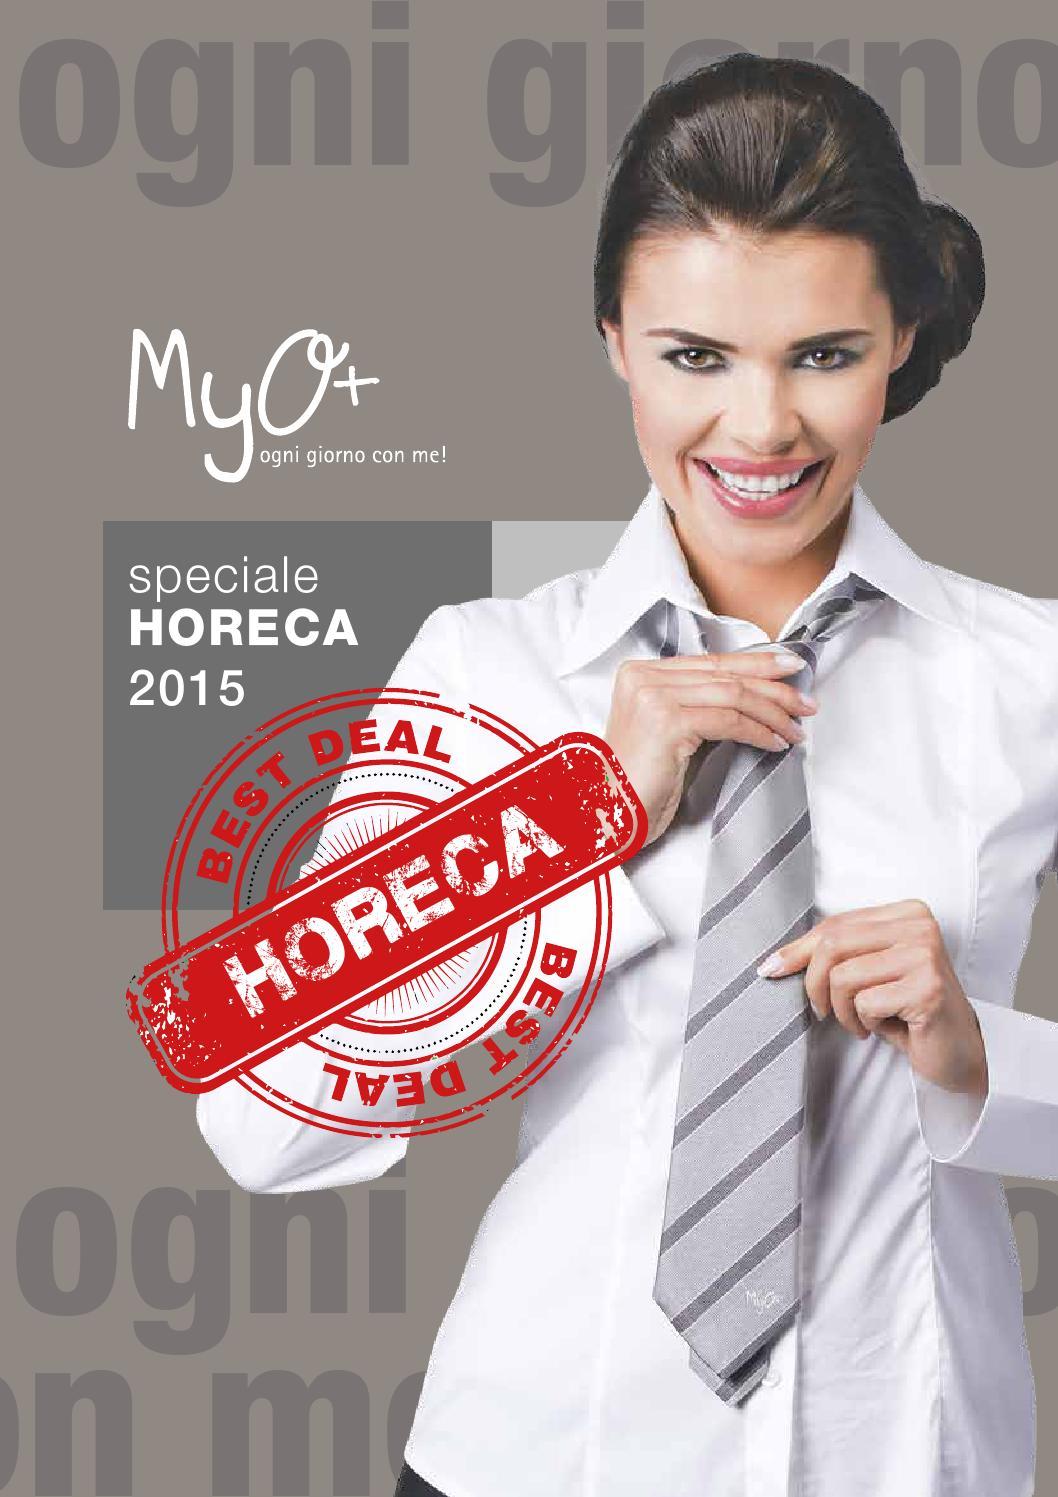 Ristorazione Myo+ Speciale by pileggiufficio - issuu bc34de375753